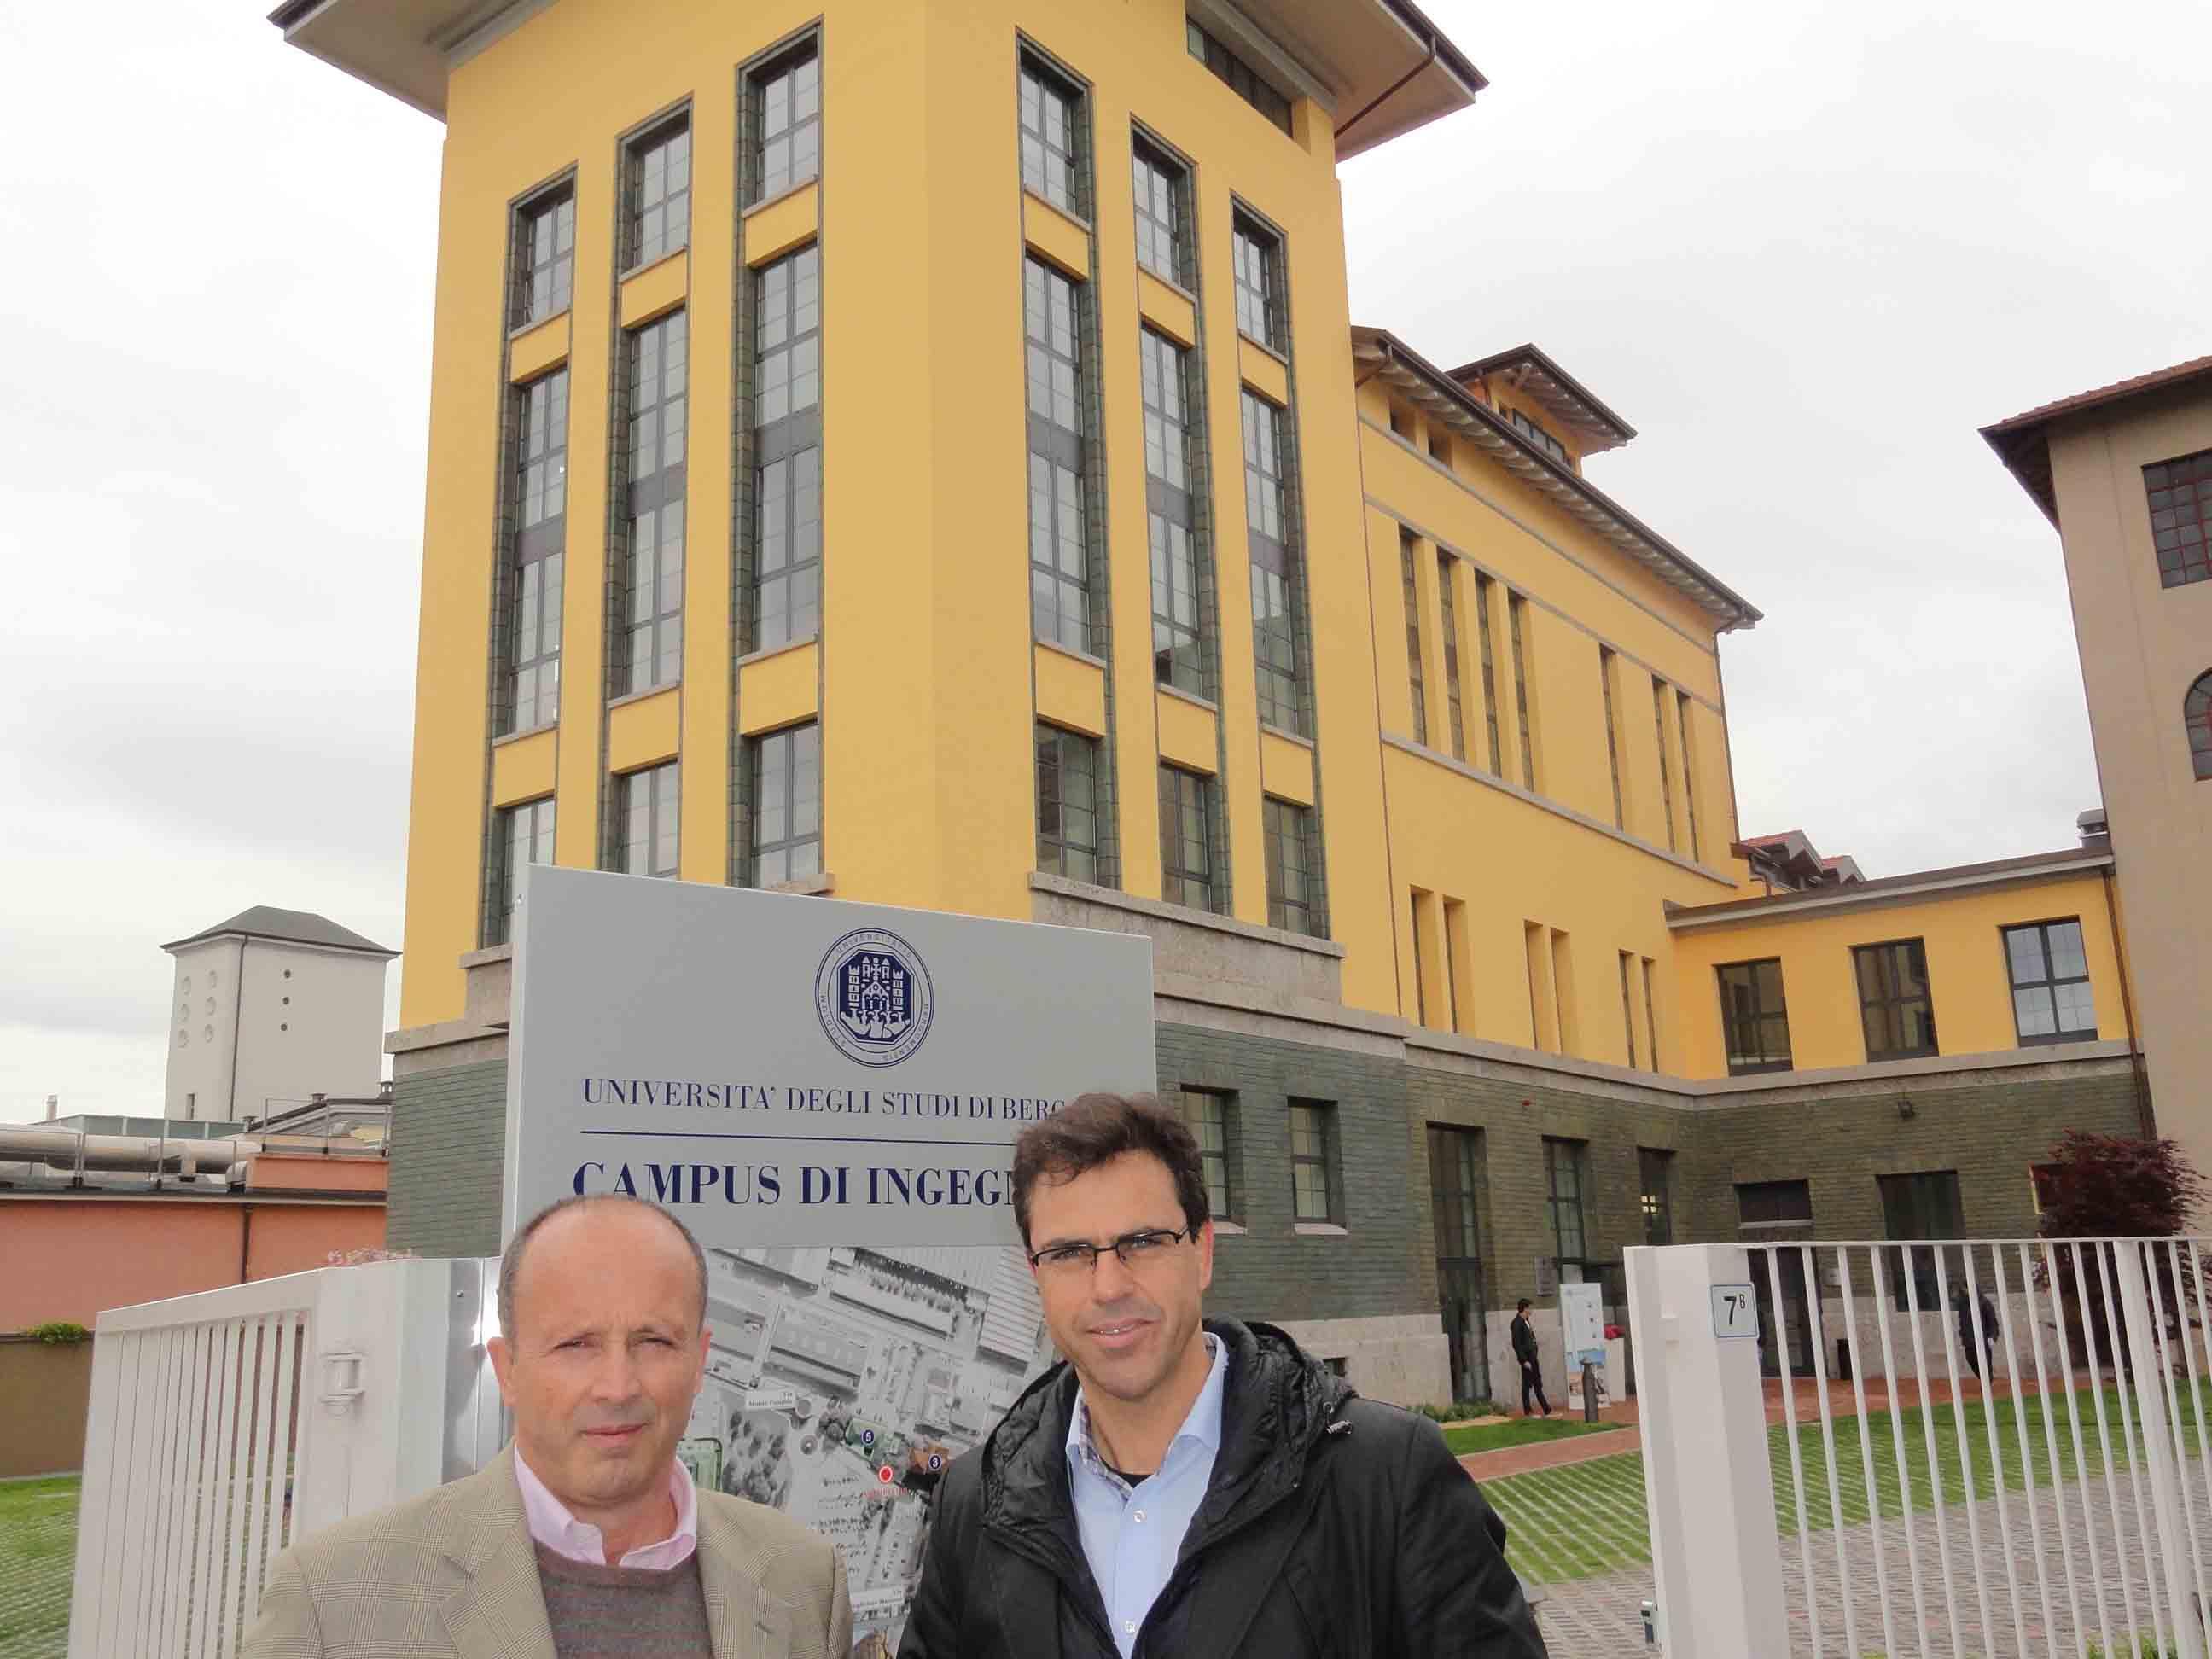 La centrale ex Enel a Dalmine completa il campus universitario d'Ingegneria